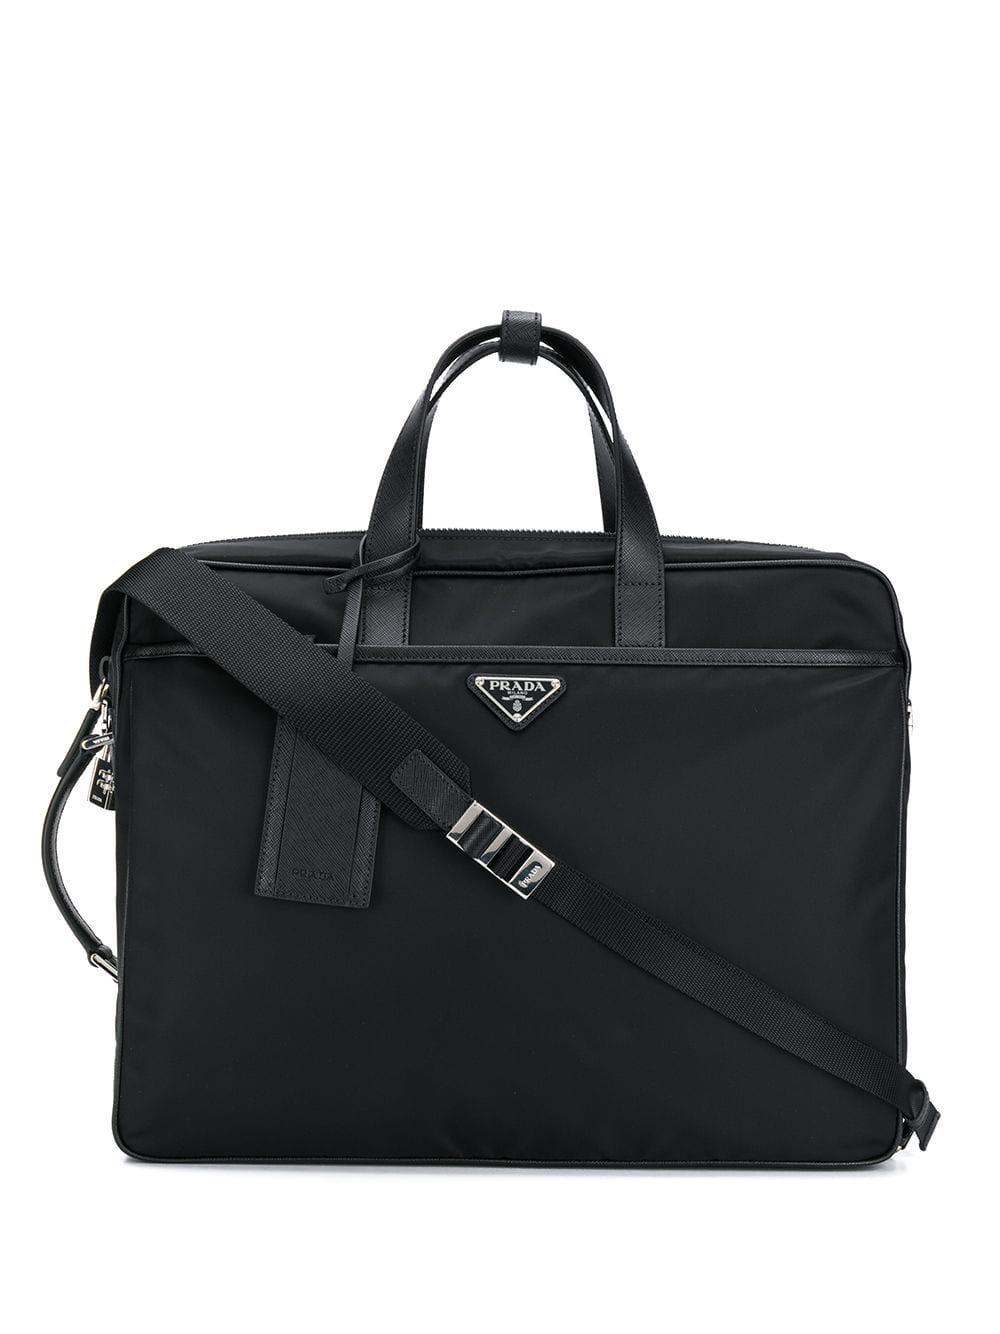 Laptop 2019PradaLeather Multi Wear Black In Bag Prada WHIED29